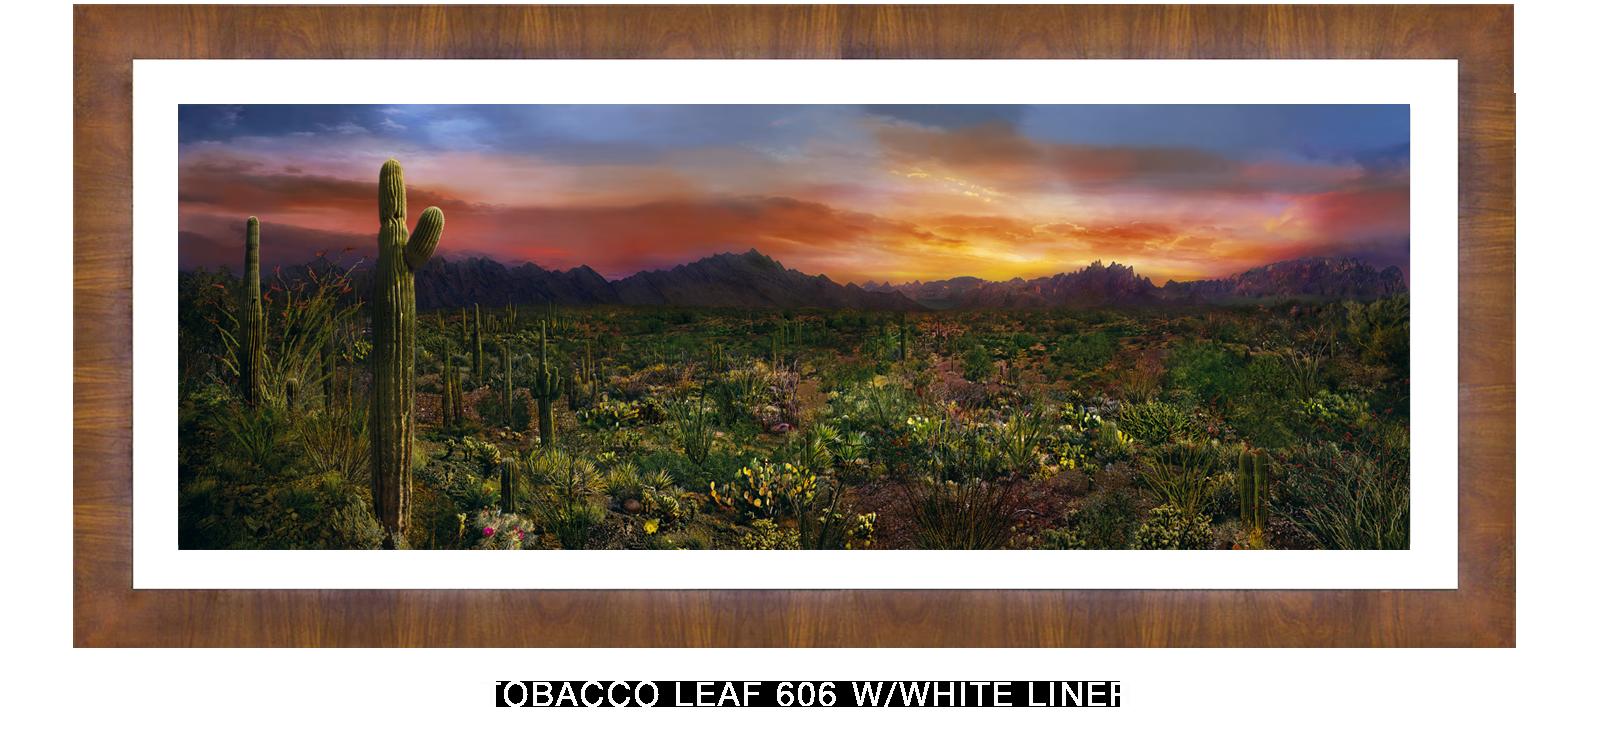 24EDEN VERNALIS Tobacco Leaf 606 w_Wht Liner T